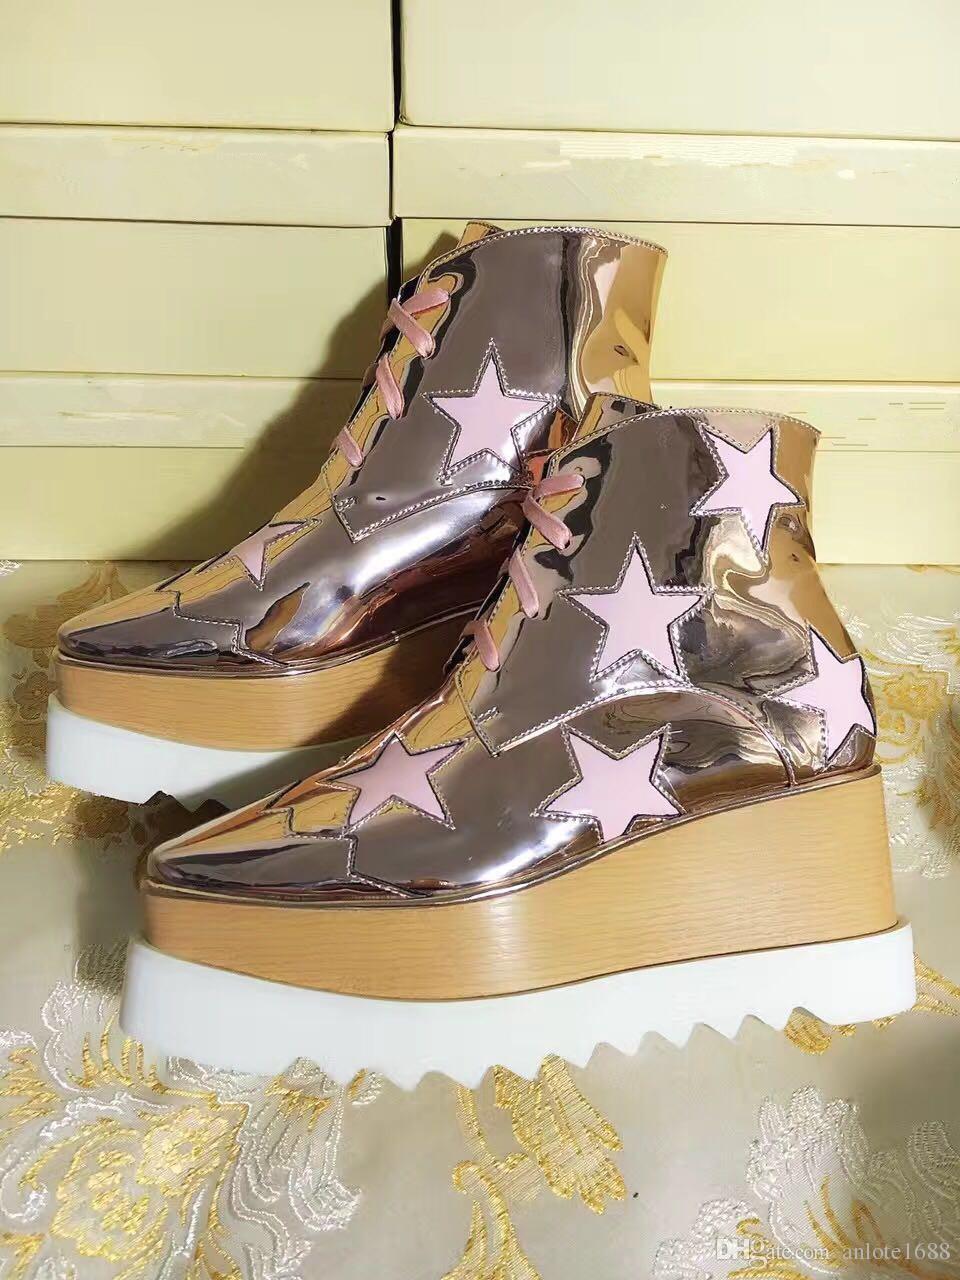 Женщины Кожаные Ботинки Стелла Маккартни Звезда Creepers Обувь Розовое Золото Ремешками Клинья Платформа Зимние Квартиры Обувь Эспадрильи Оригинальный Box